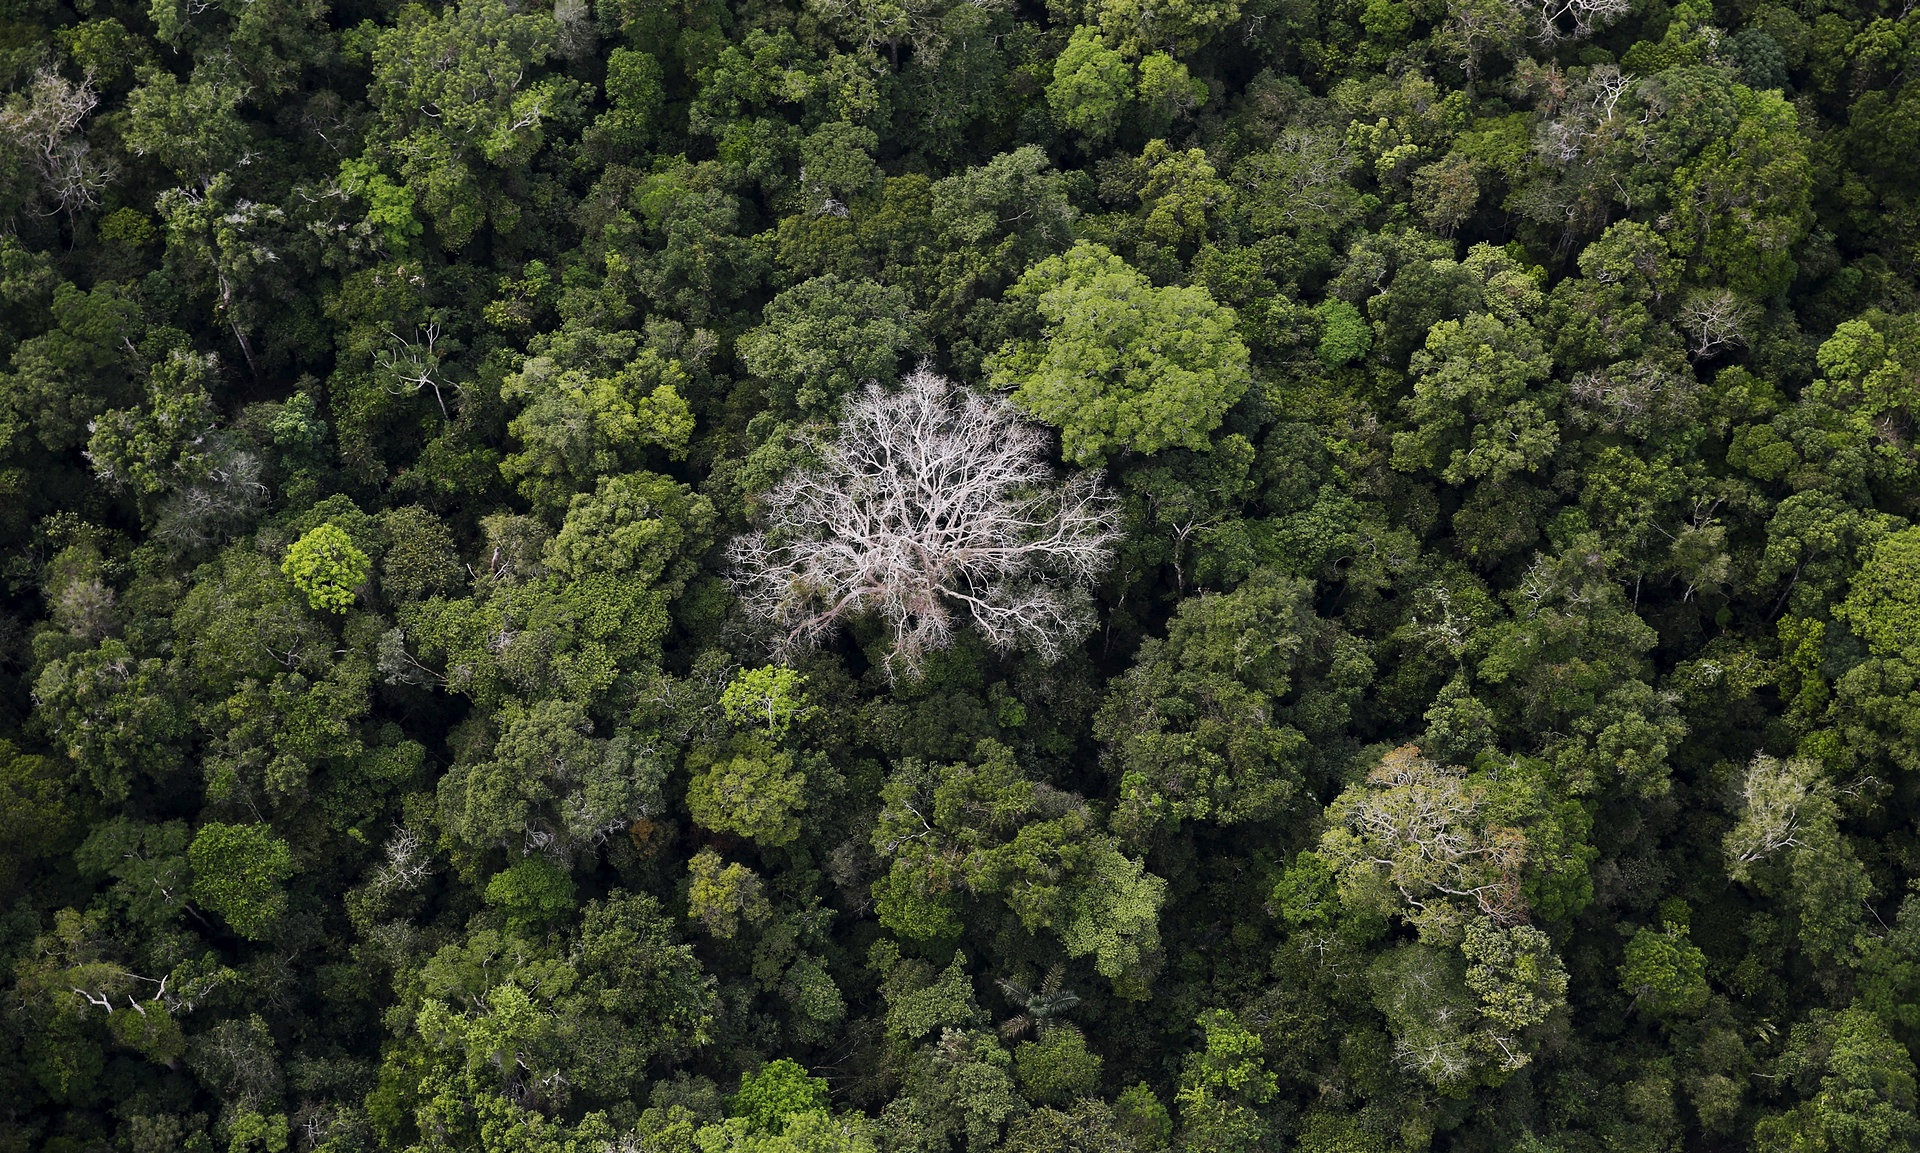 Gezegenin akciğerlerine darbe: Amazon ormanları yok olma tehlikesinde